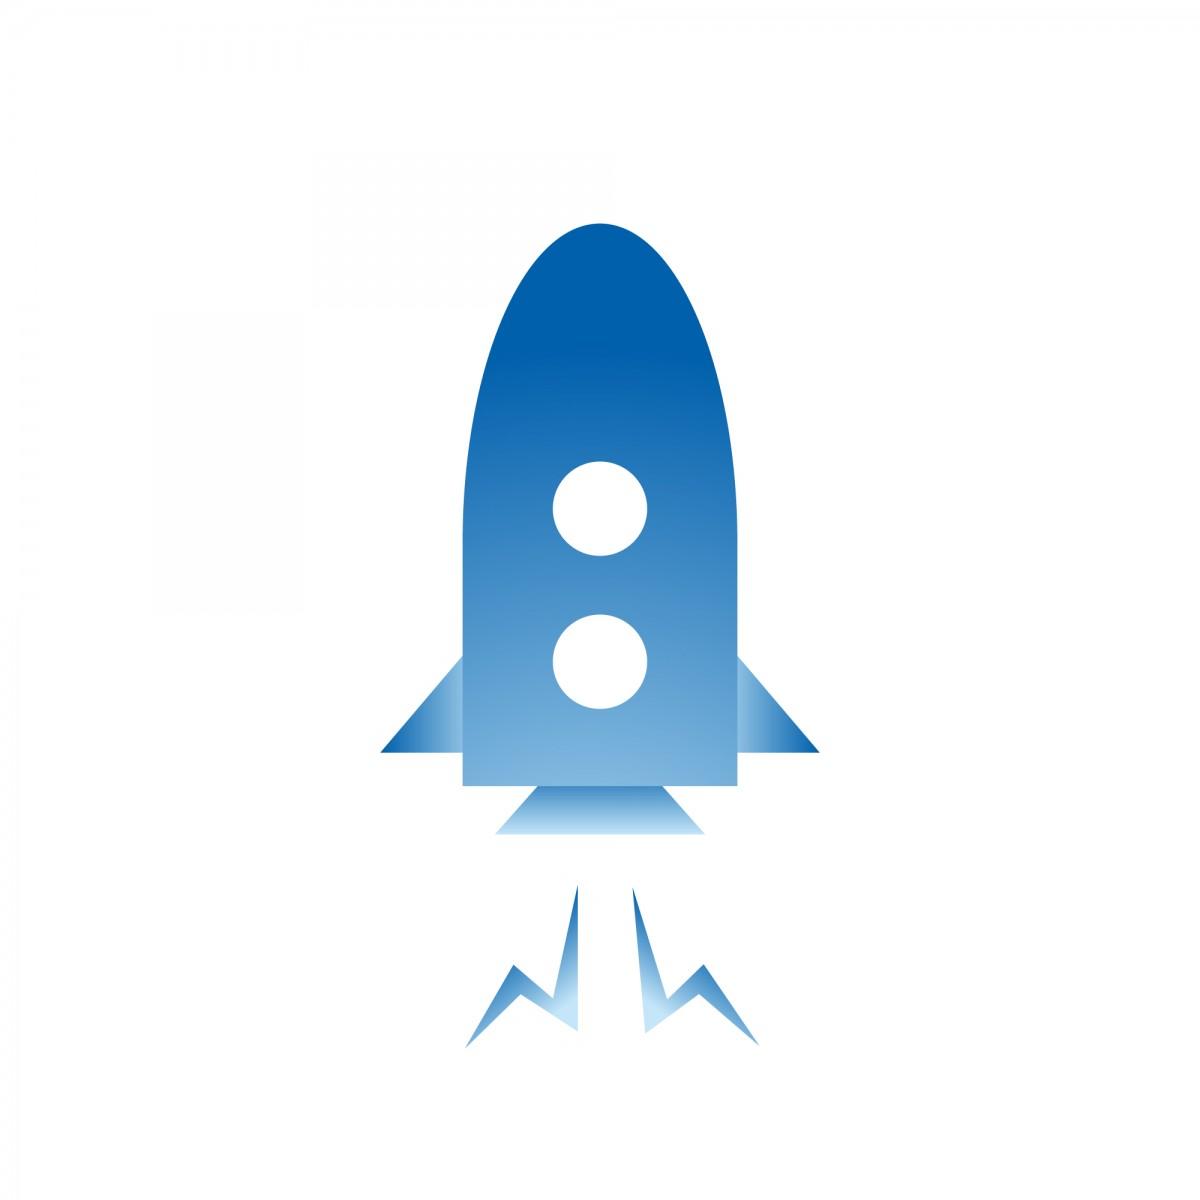 ミサイルかロケットか?そもそも人工衛星って何だ